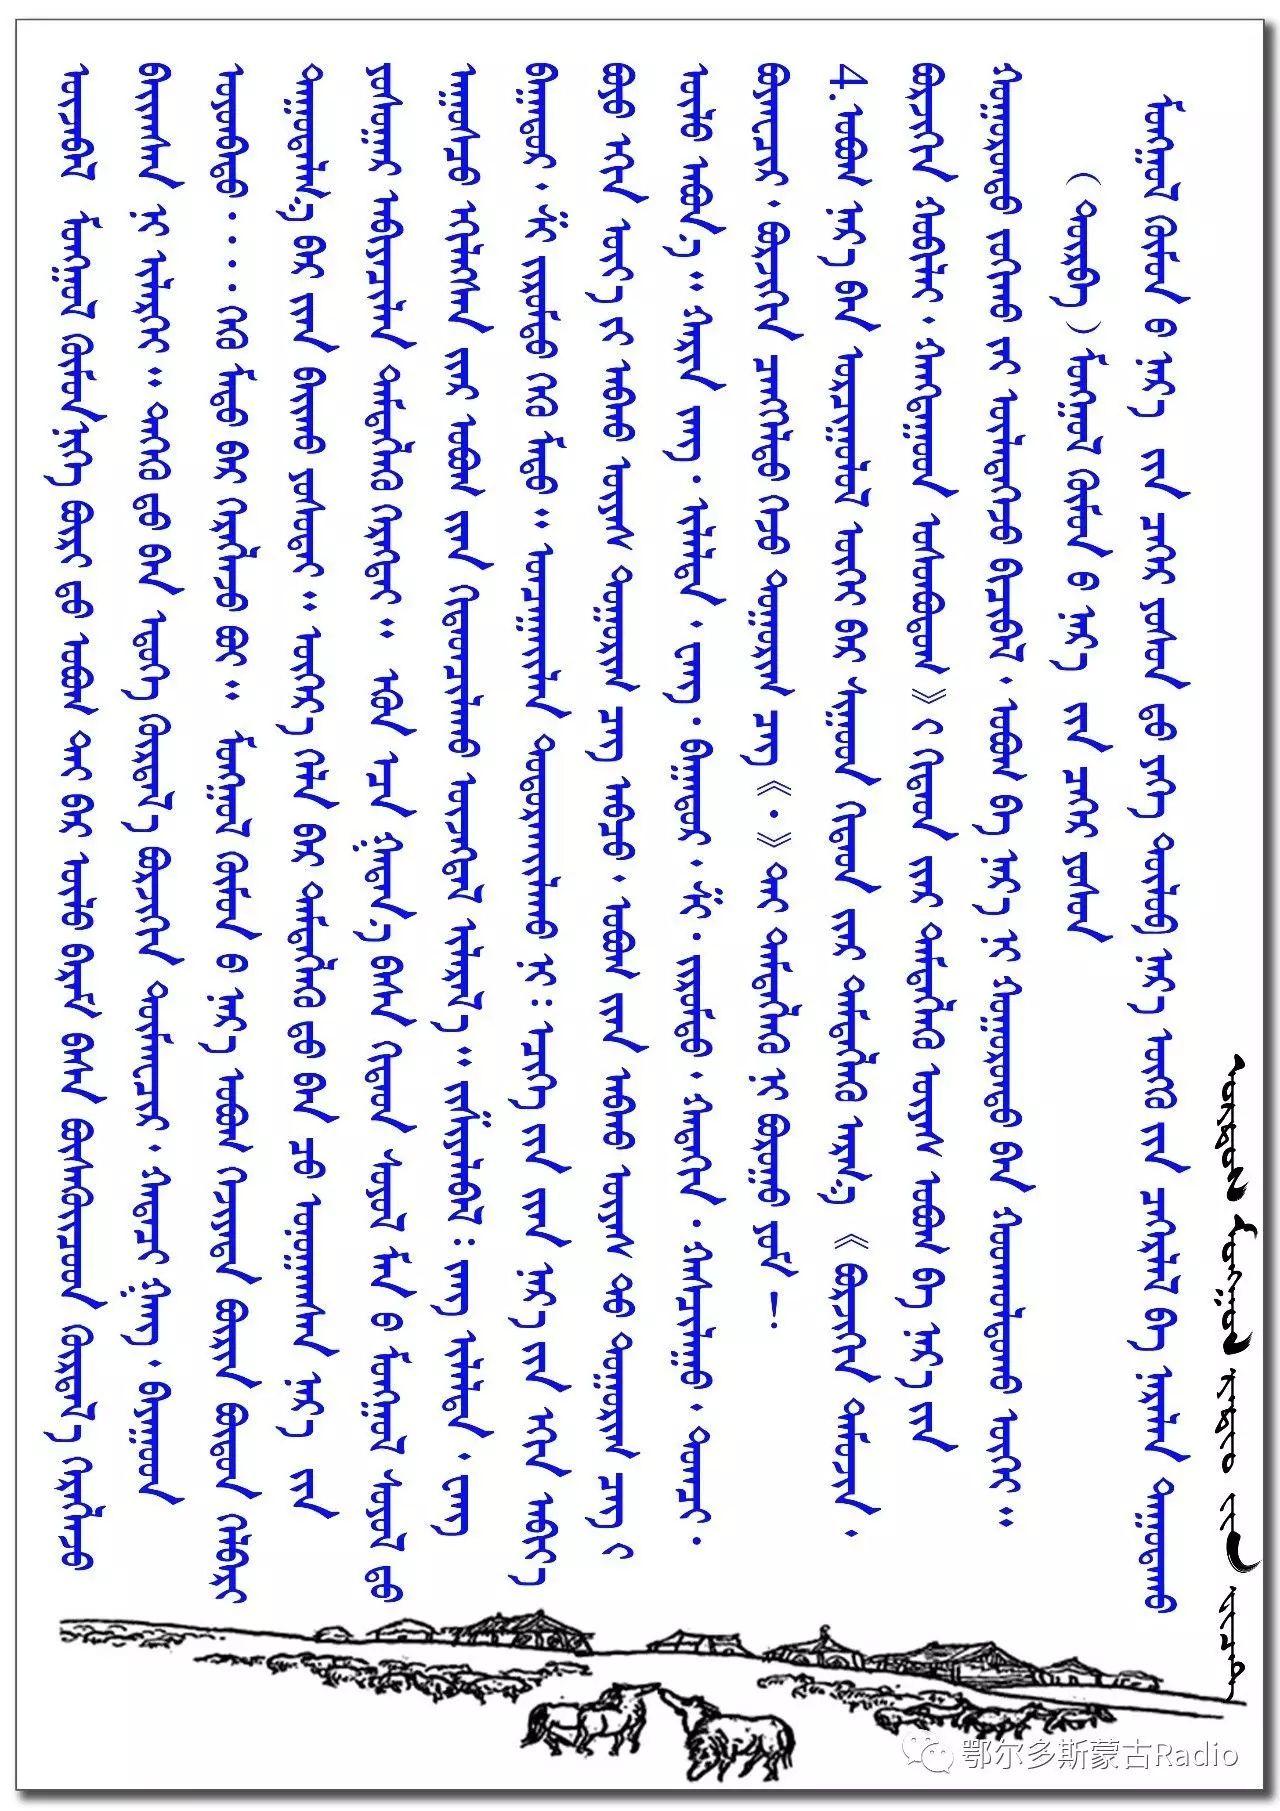 【习俗】蒙古人起名字习俗,年轻的父母们快来看看是怎么回事(蒙古文) 第12张 【习俗】蒙古人起名字习俗,年轻的父母们快来看看是怎么回事(蒙古文) 蒙古文库